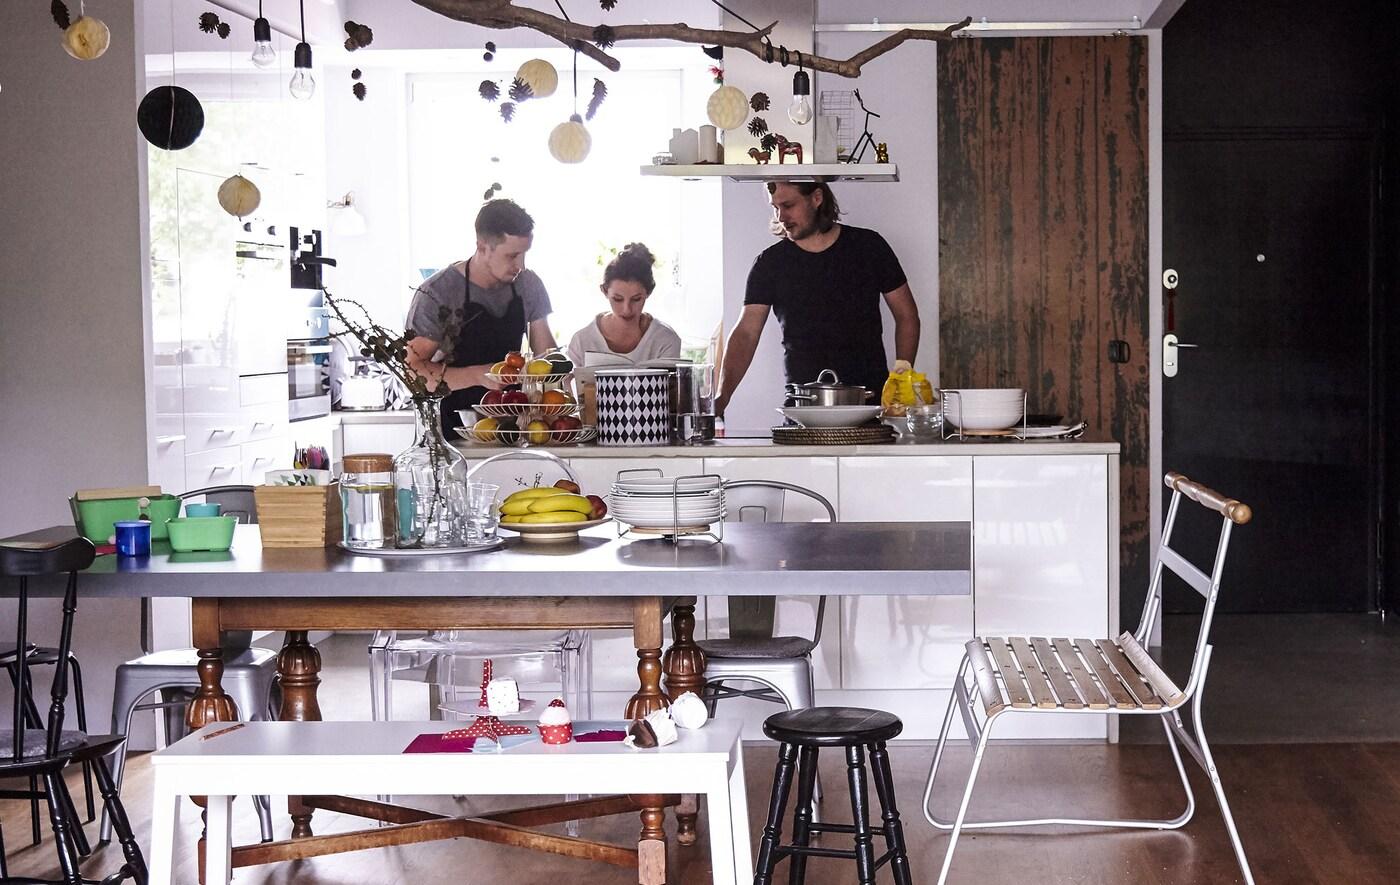 مطبخ فسيح يُستخدم بسهولة كمساحة مشتركة